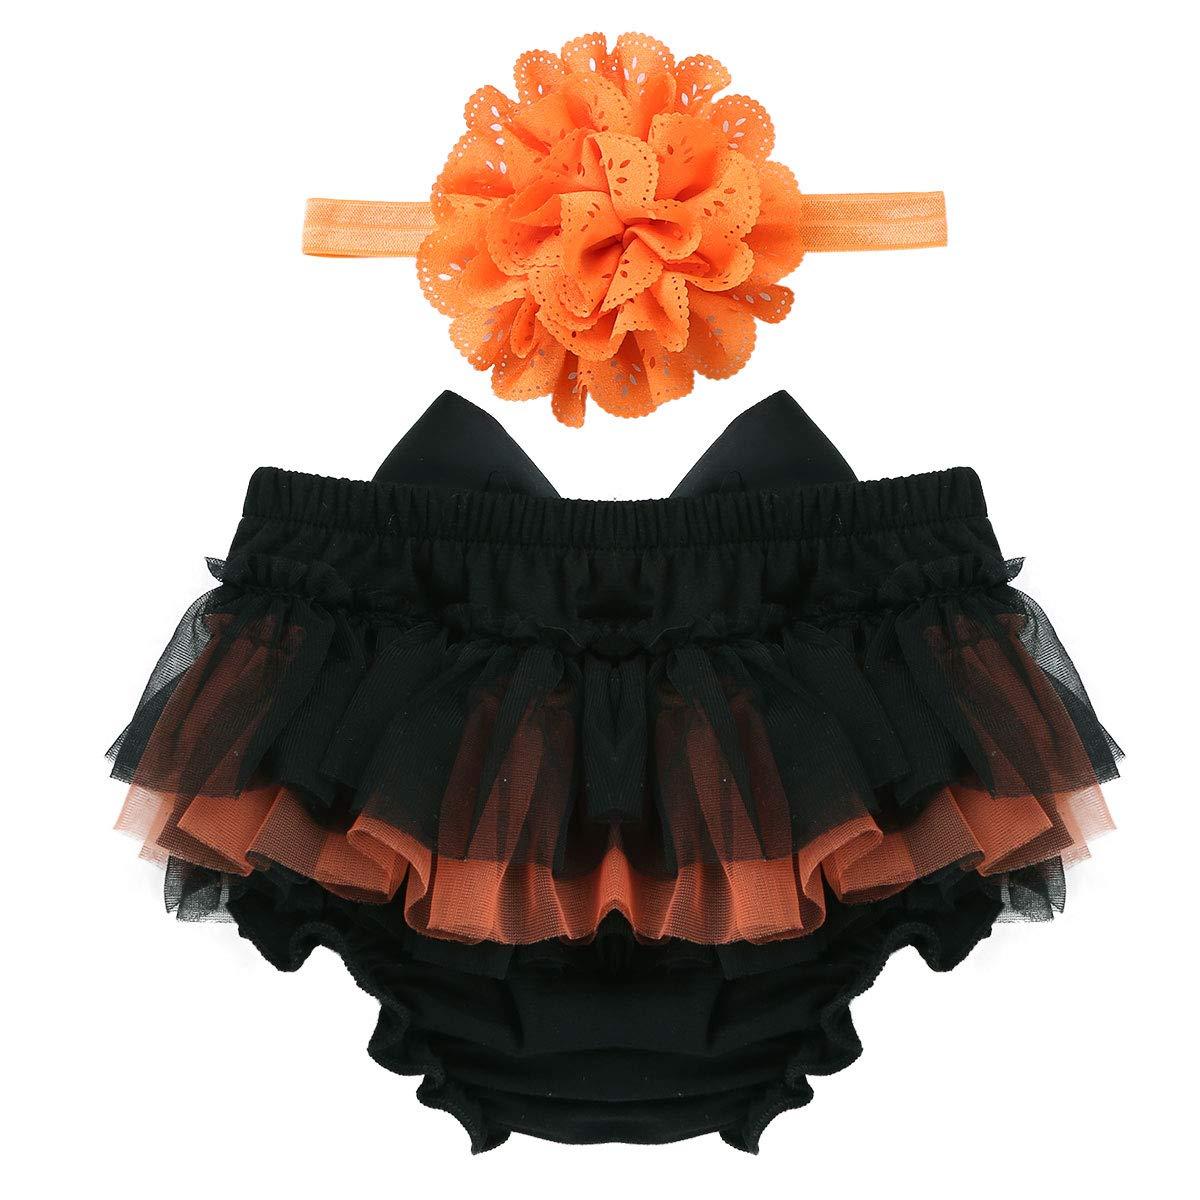 iixpin Bébé Fille Bloomer en Tulle Noeud avec Bandeau à Cheveux Floral Couvre-Couche Culotte Quotidien Mignon pour Bébé Äge 1-9 Mois